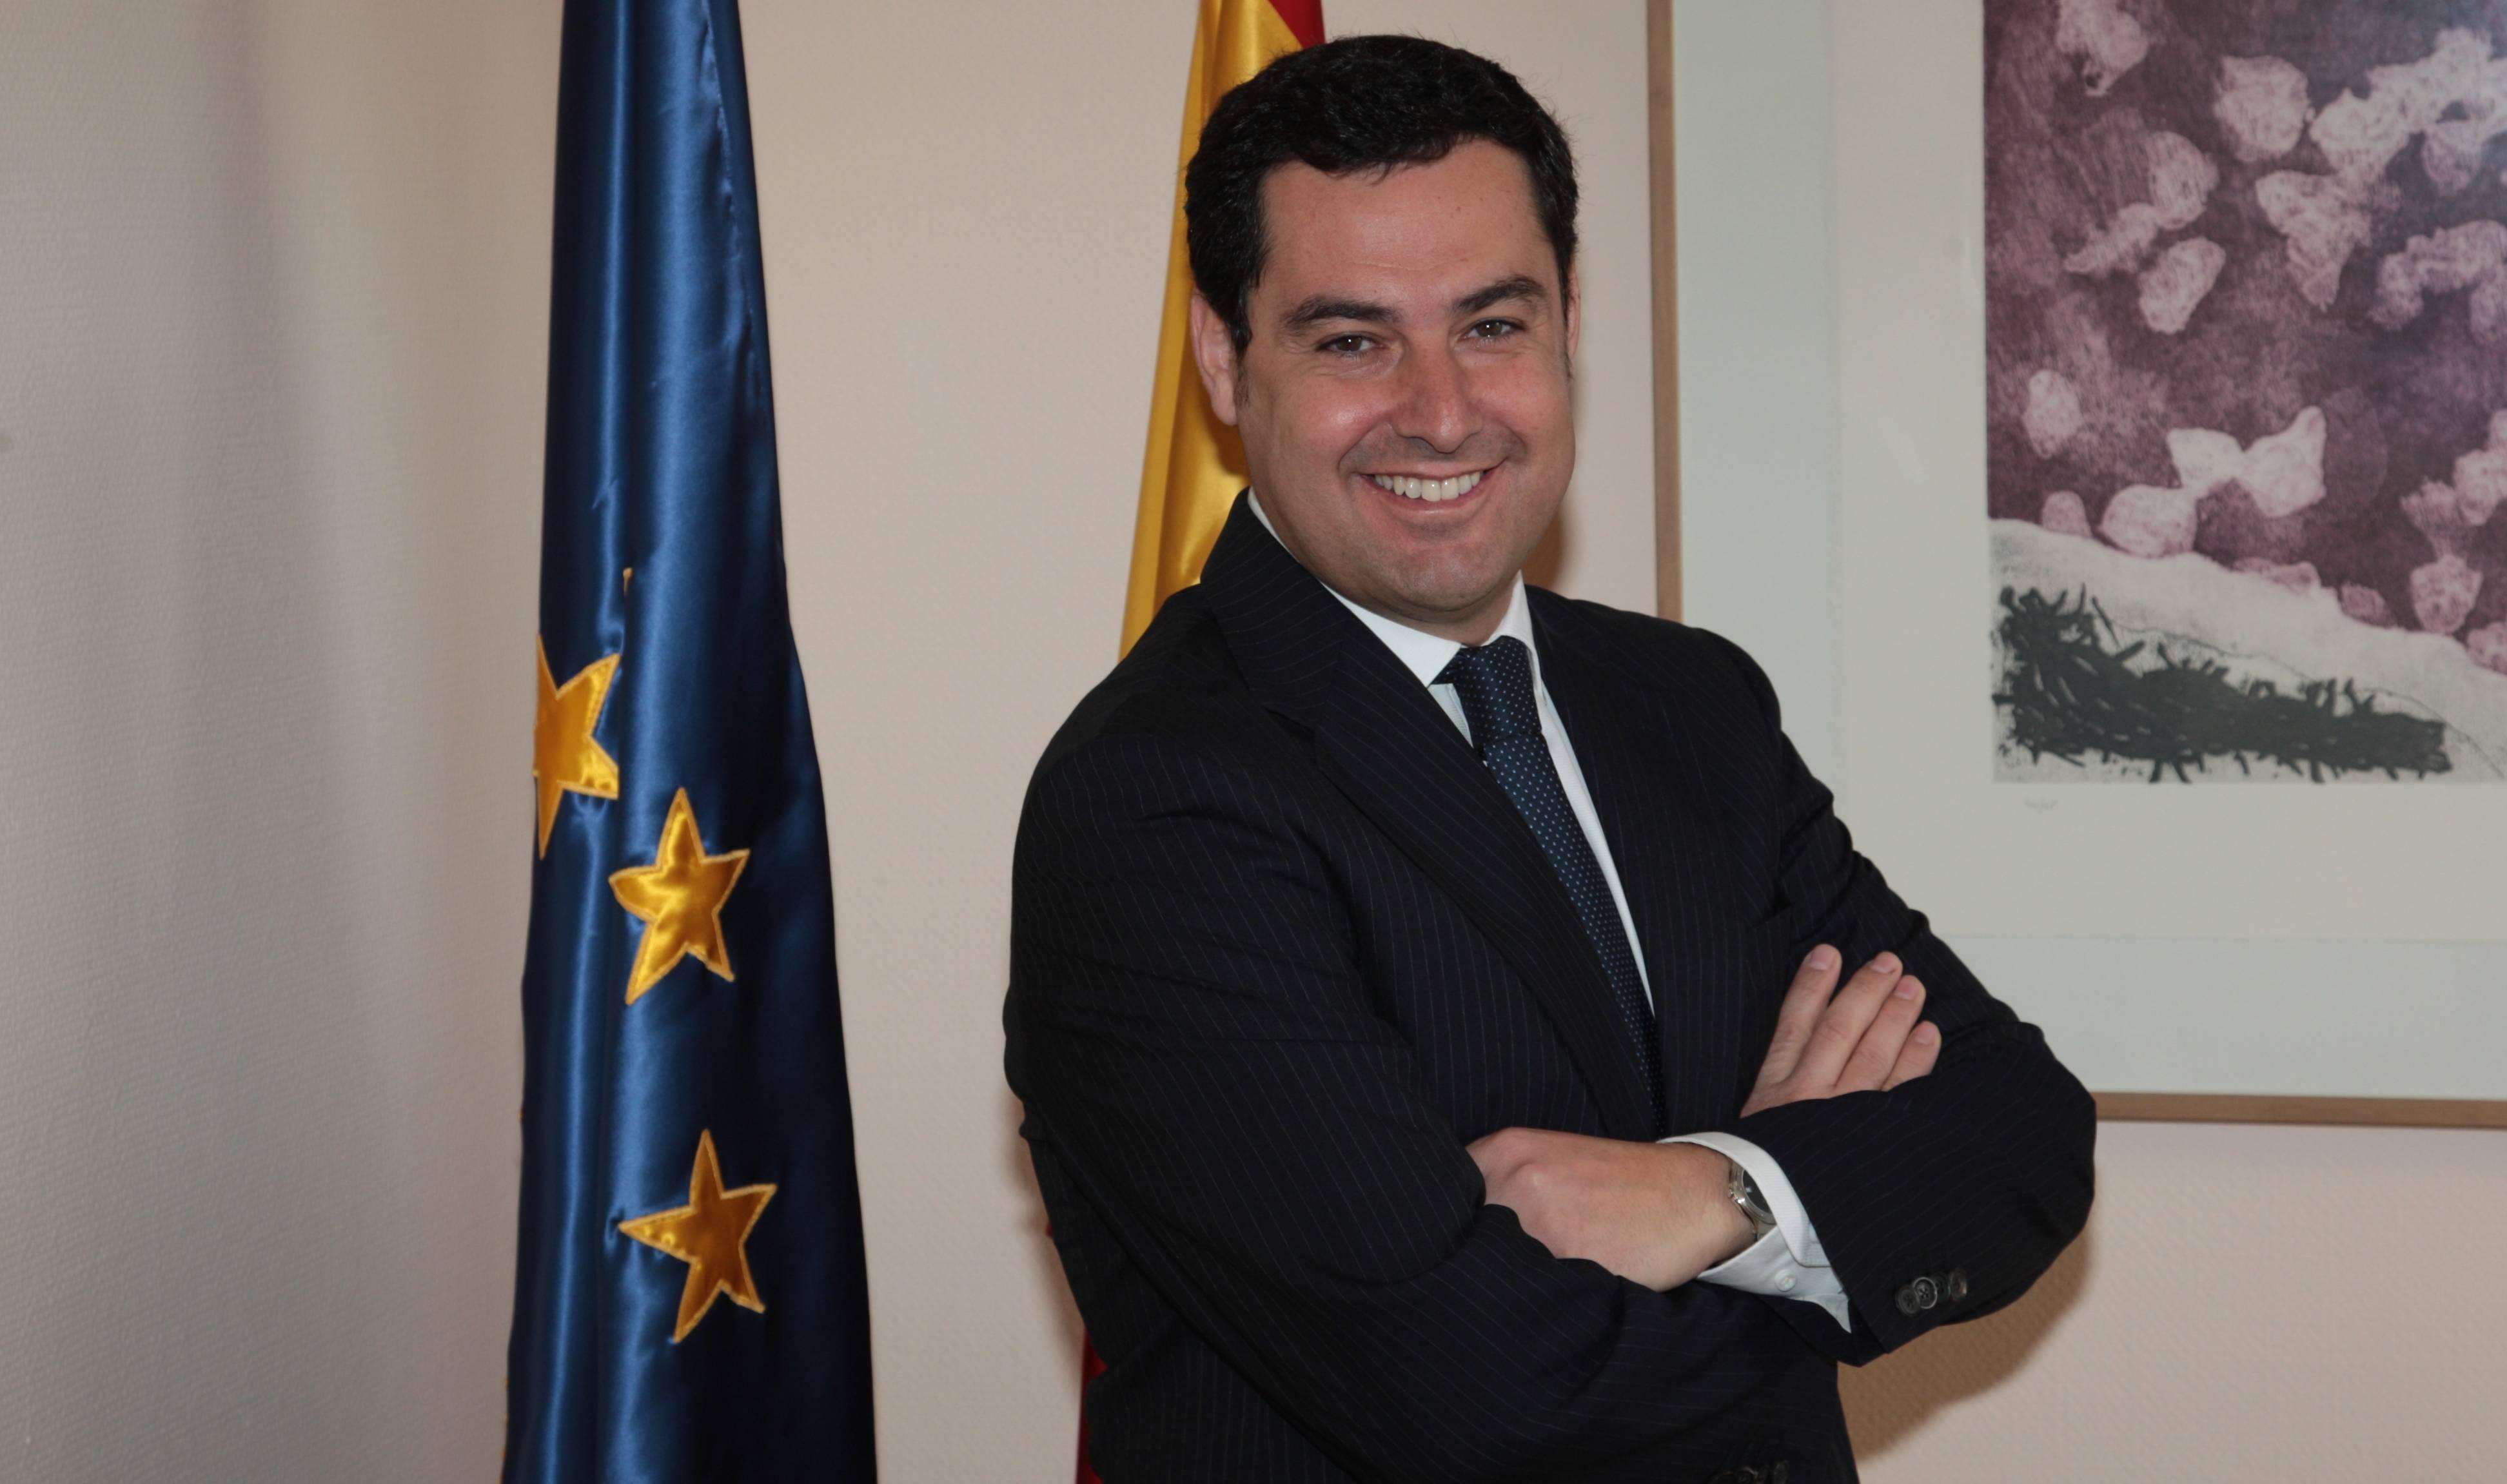 Juan_Manuel_Moreno_Bonilla